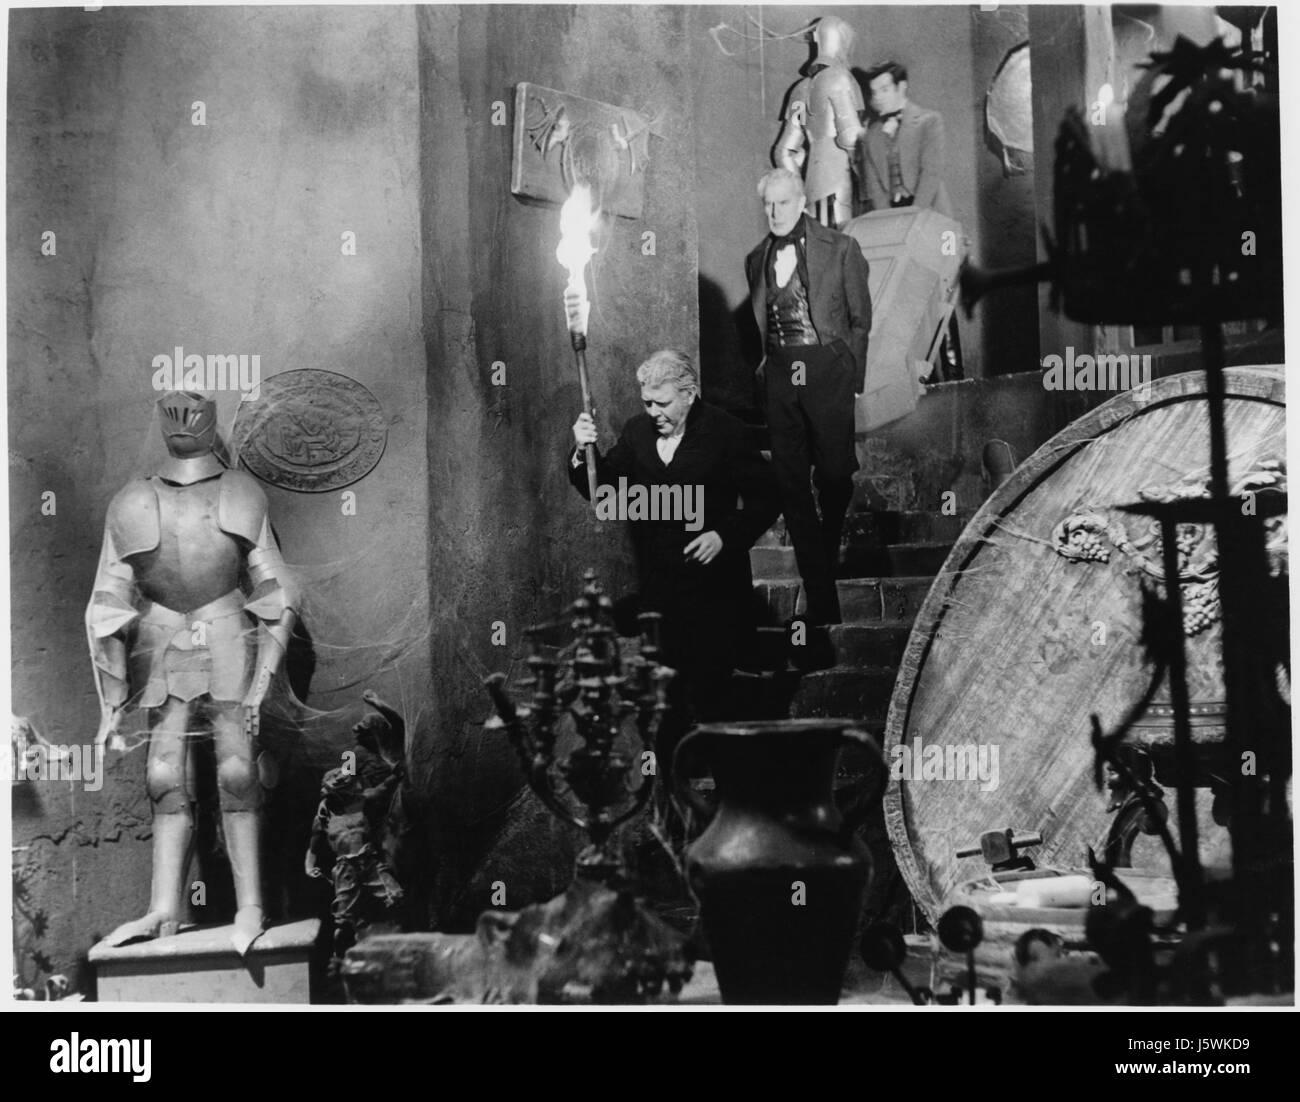 Harry Ellerbe, Vincent Price, Mark Damon, on-set of the Film, 'House of Usher', 1960 - Stock Image